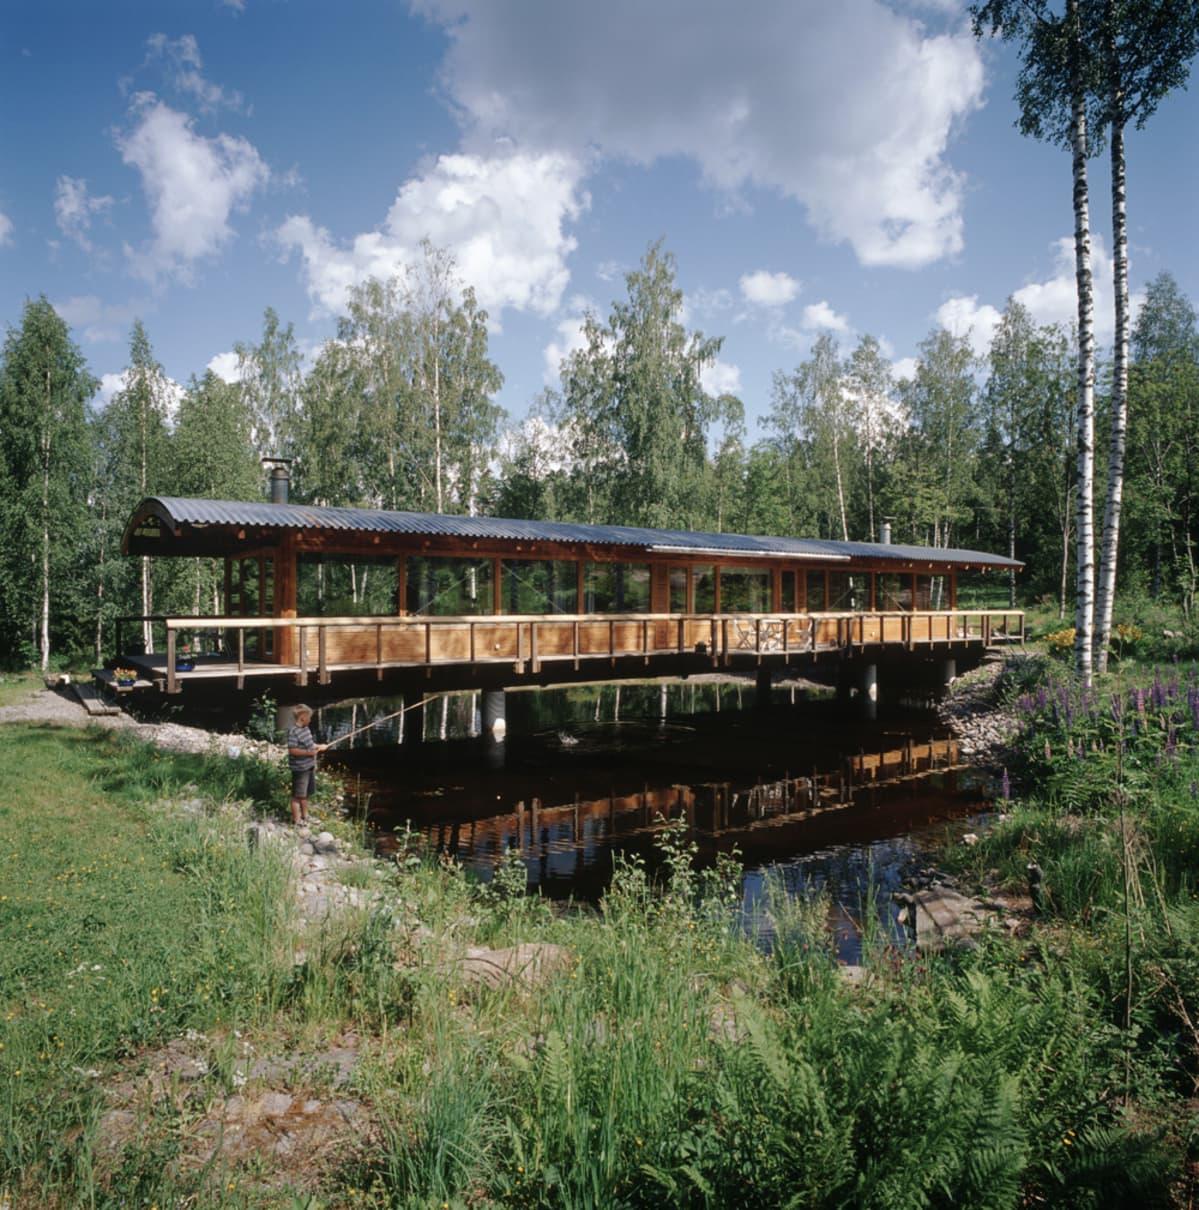 Jukka Siren suunnitteli vuonna 2001 Karkkuun valmistuneen Puente Soivio -huvilan. Se kurottuu siltamaisena rakennuksena puron yli, joka myöhemmin padottiin lammeksi.